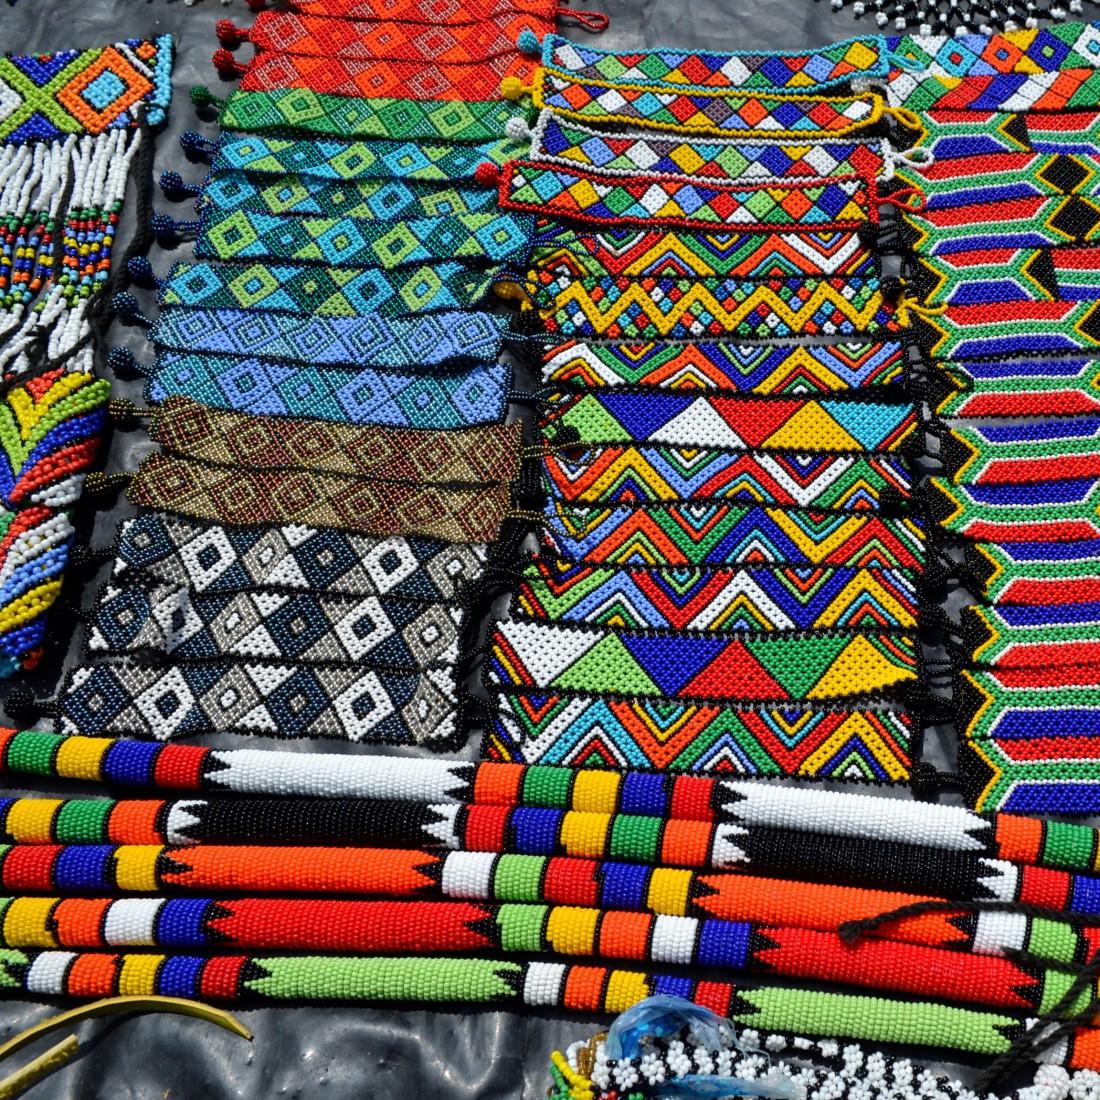 Bijoux zoulous. Ma couleur a ses merveilles. Merveilles sud africaines.